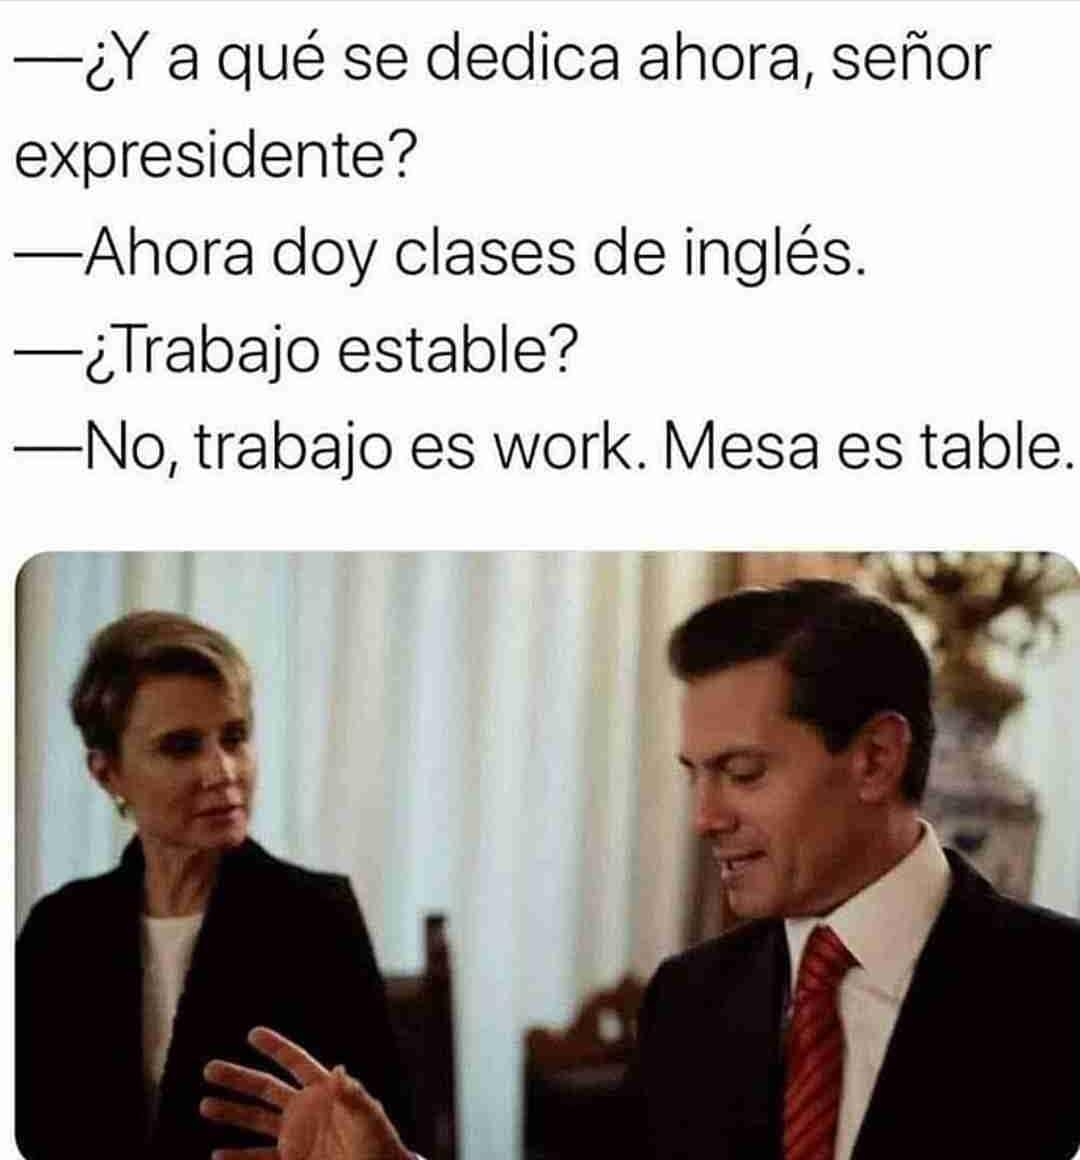 ¿Y a qué se dedica ahora, señor expresidente?  Ahora doy clases de inglés.  ¿Trabajo estable?  No, trabajo es work. Mesa es table.